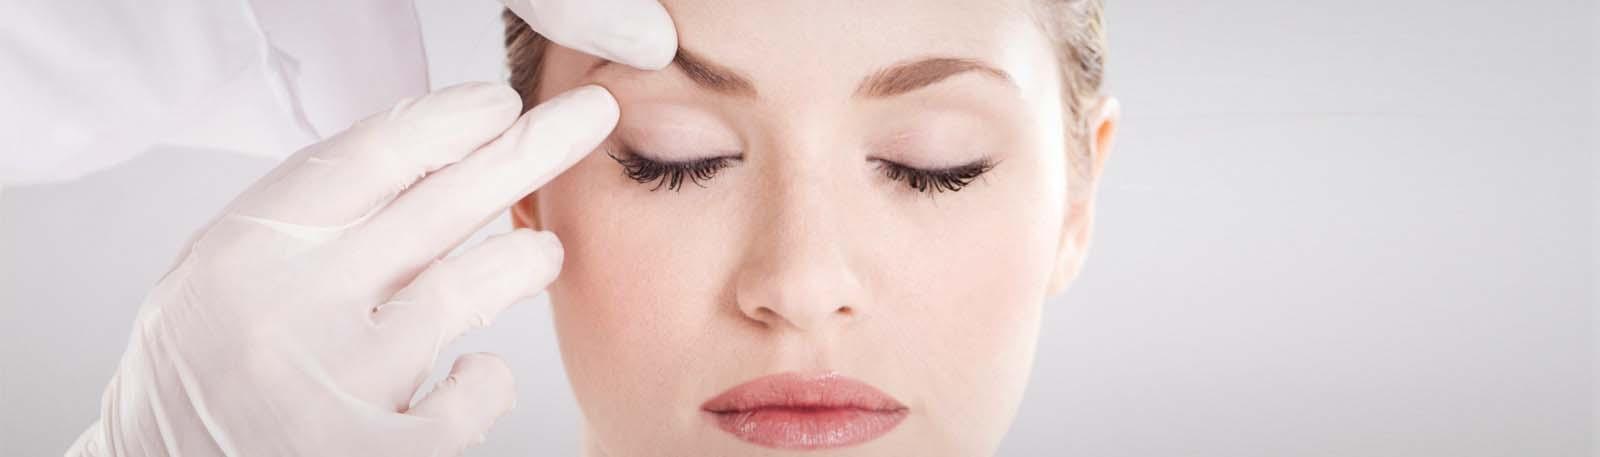 Odmładzanie twarzy bez skalpela: cztery zabiegi, dzięki którym twoja skóra odzyska młody wygląd w szybki i skuteczny sposób!